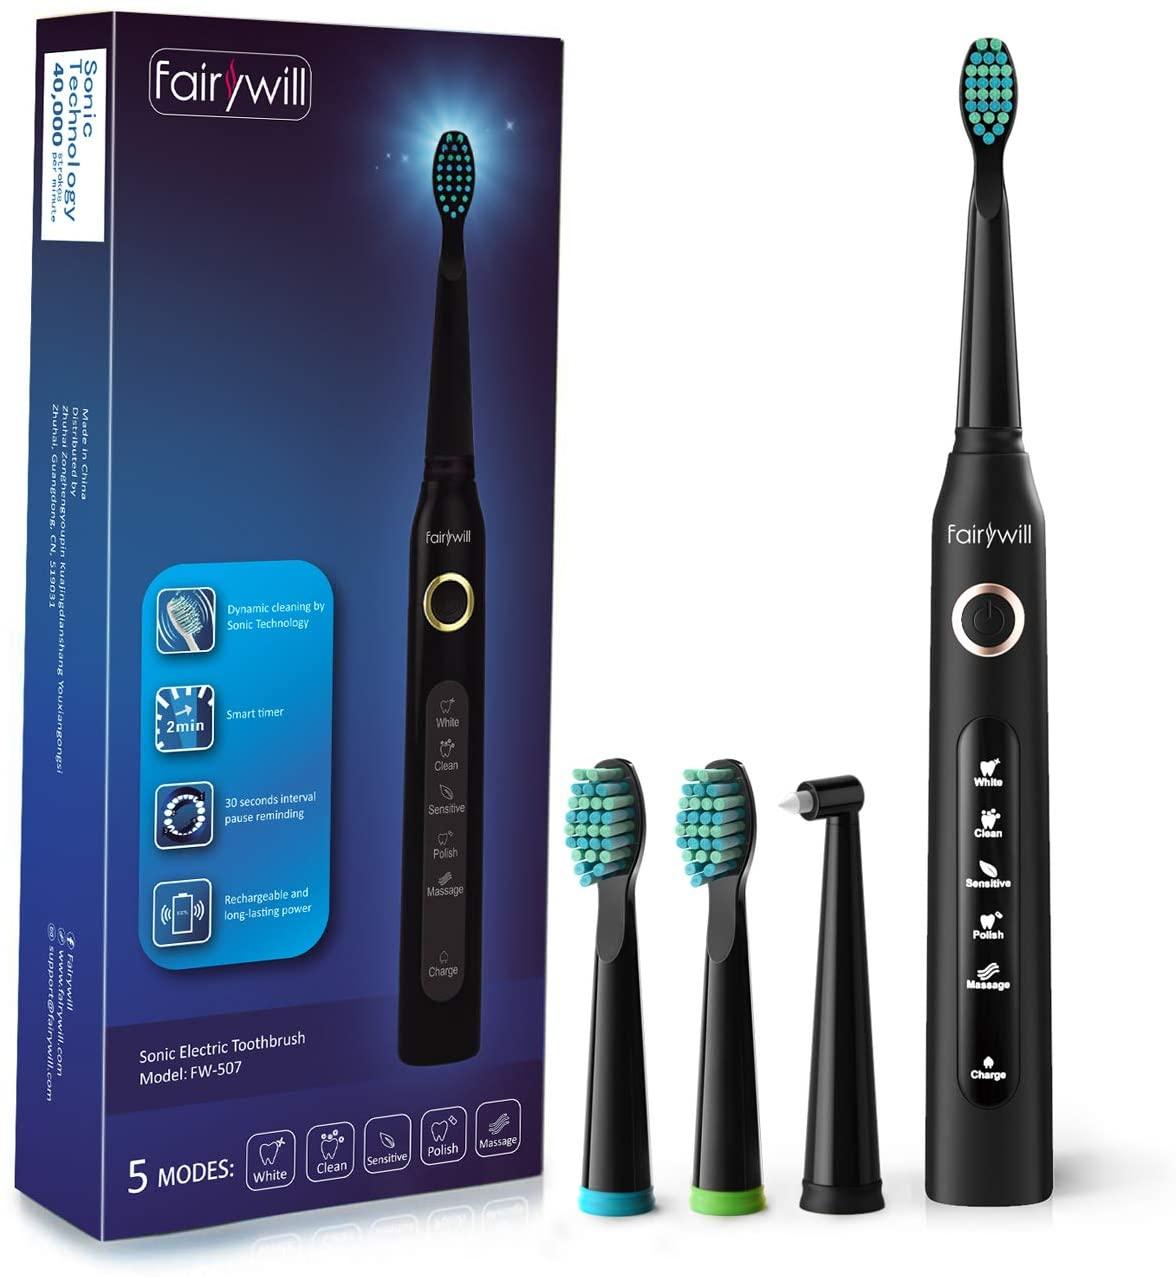 アマゾンで電動歯ブラシFW-507の割引クーポンを配信中。